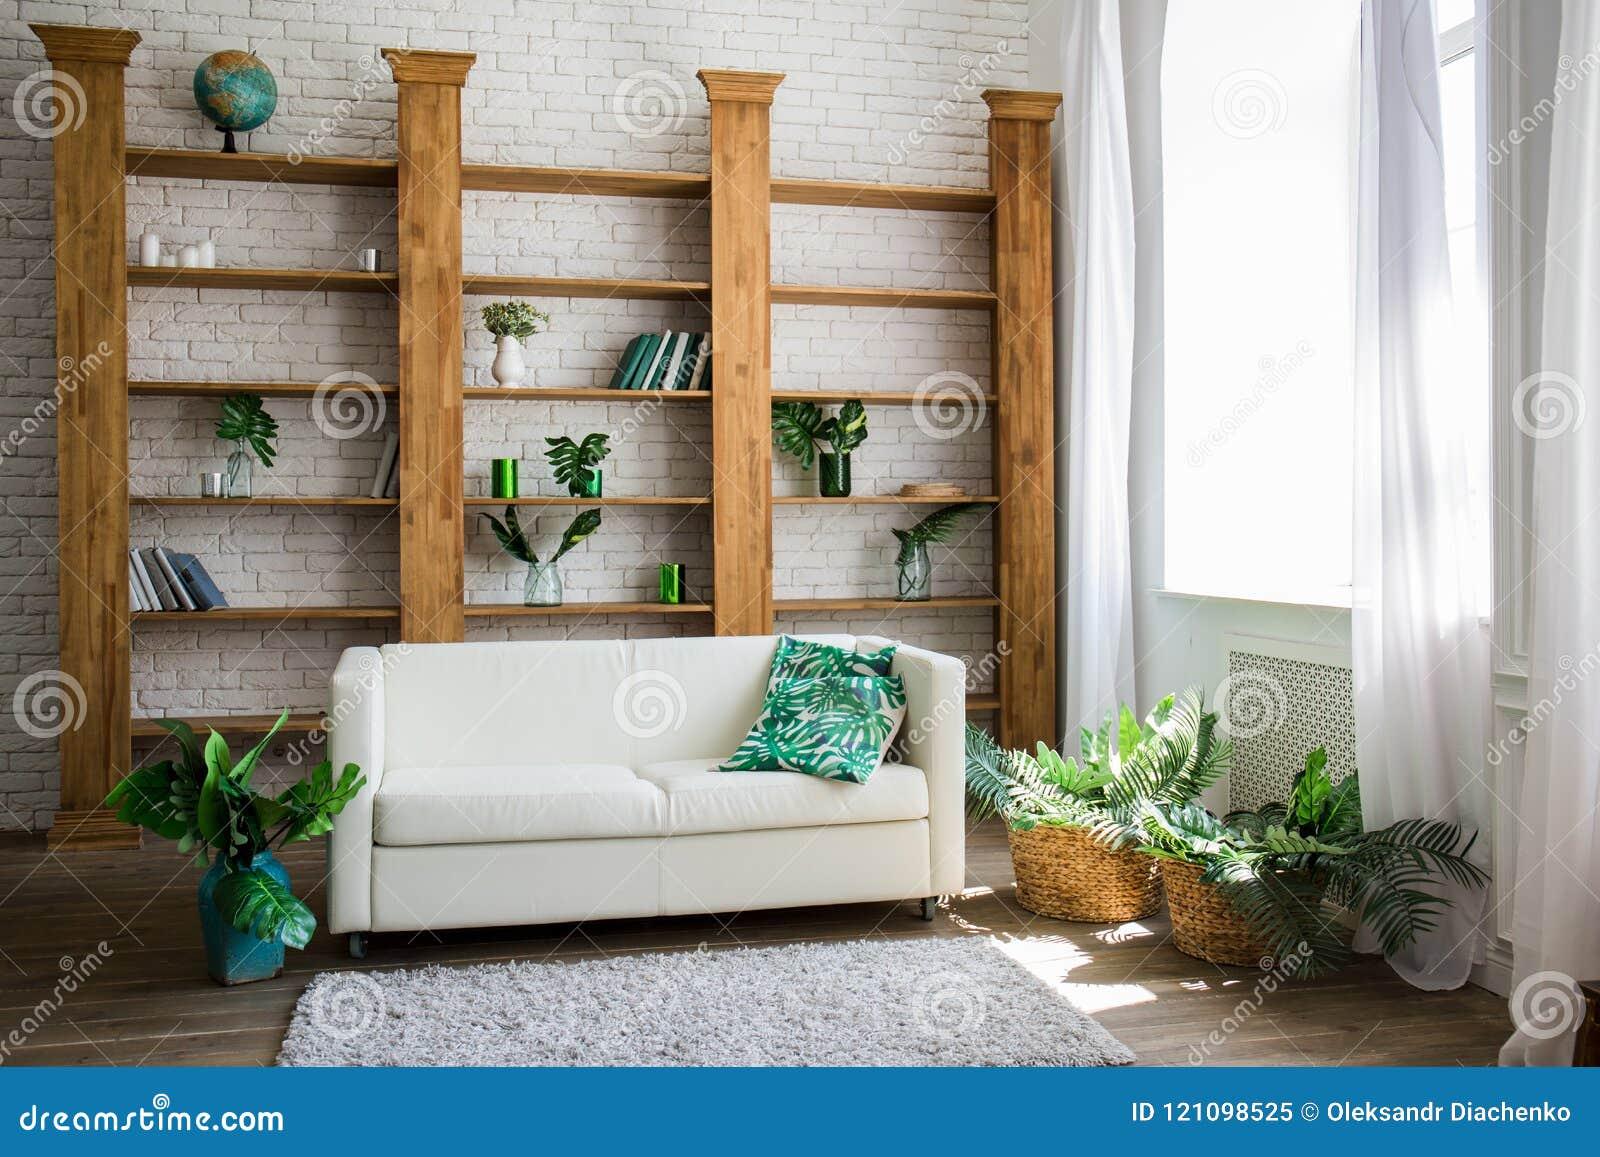 Drewniany stojak z białą kanapą obok go